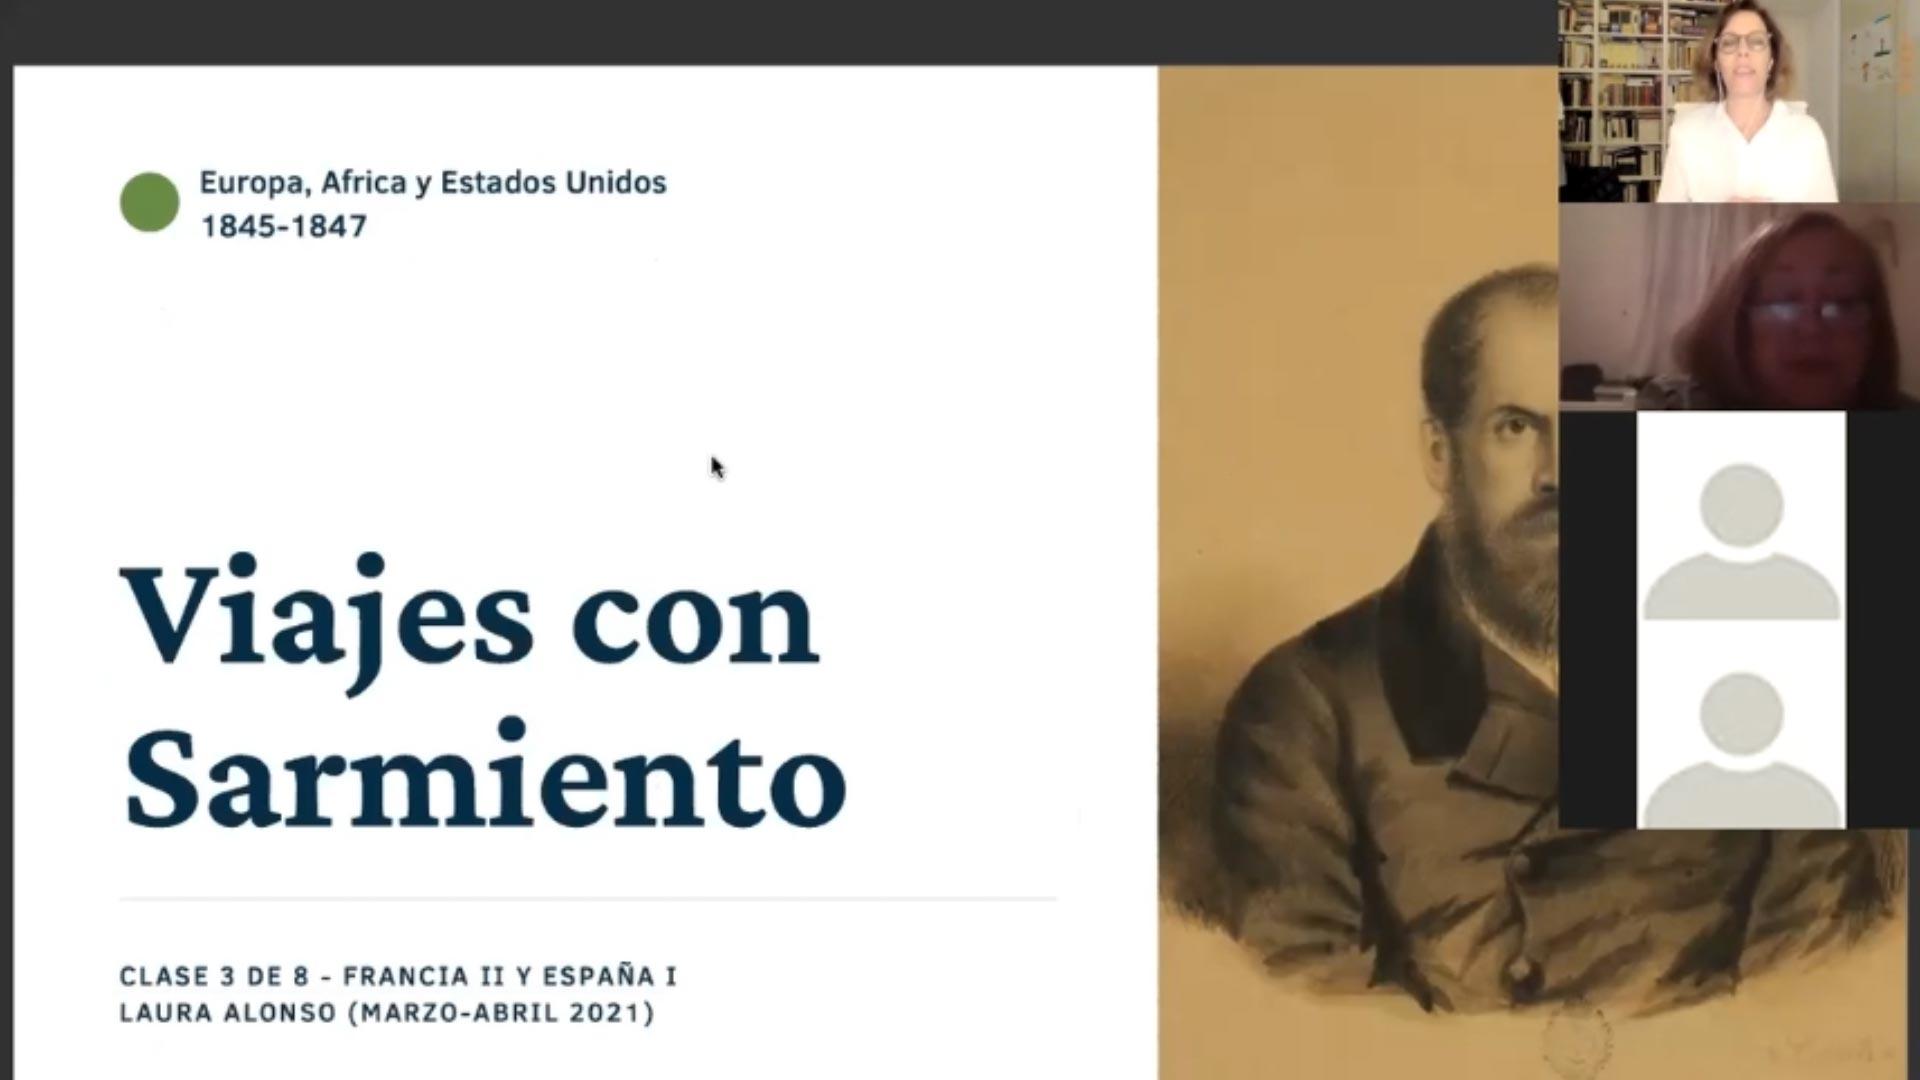 A los 62 años, Mauricio Macri decidió aprender más sobre la vida de Sarmiento en un curso online - Infobae